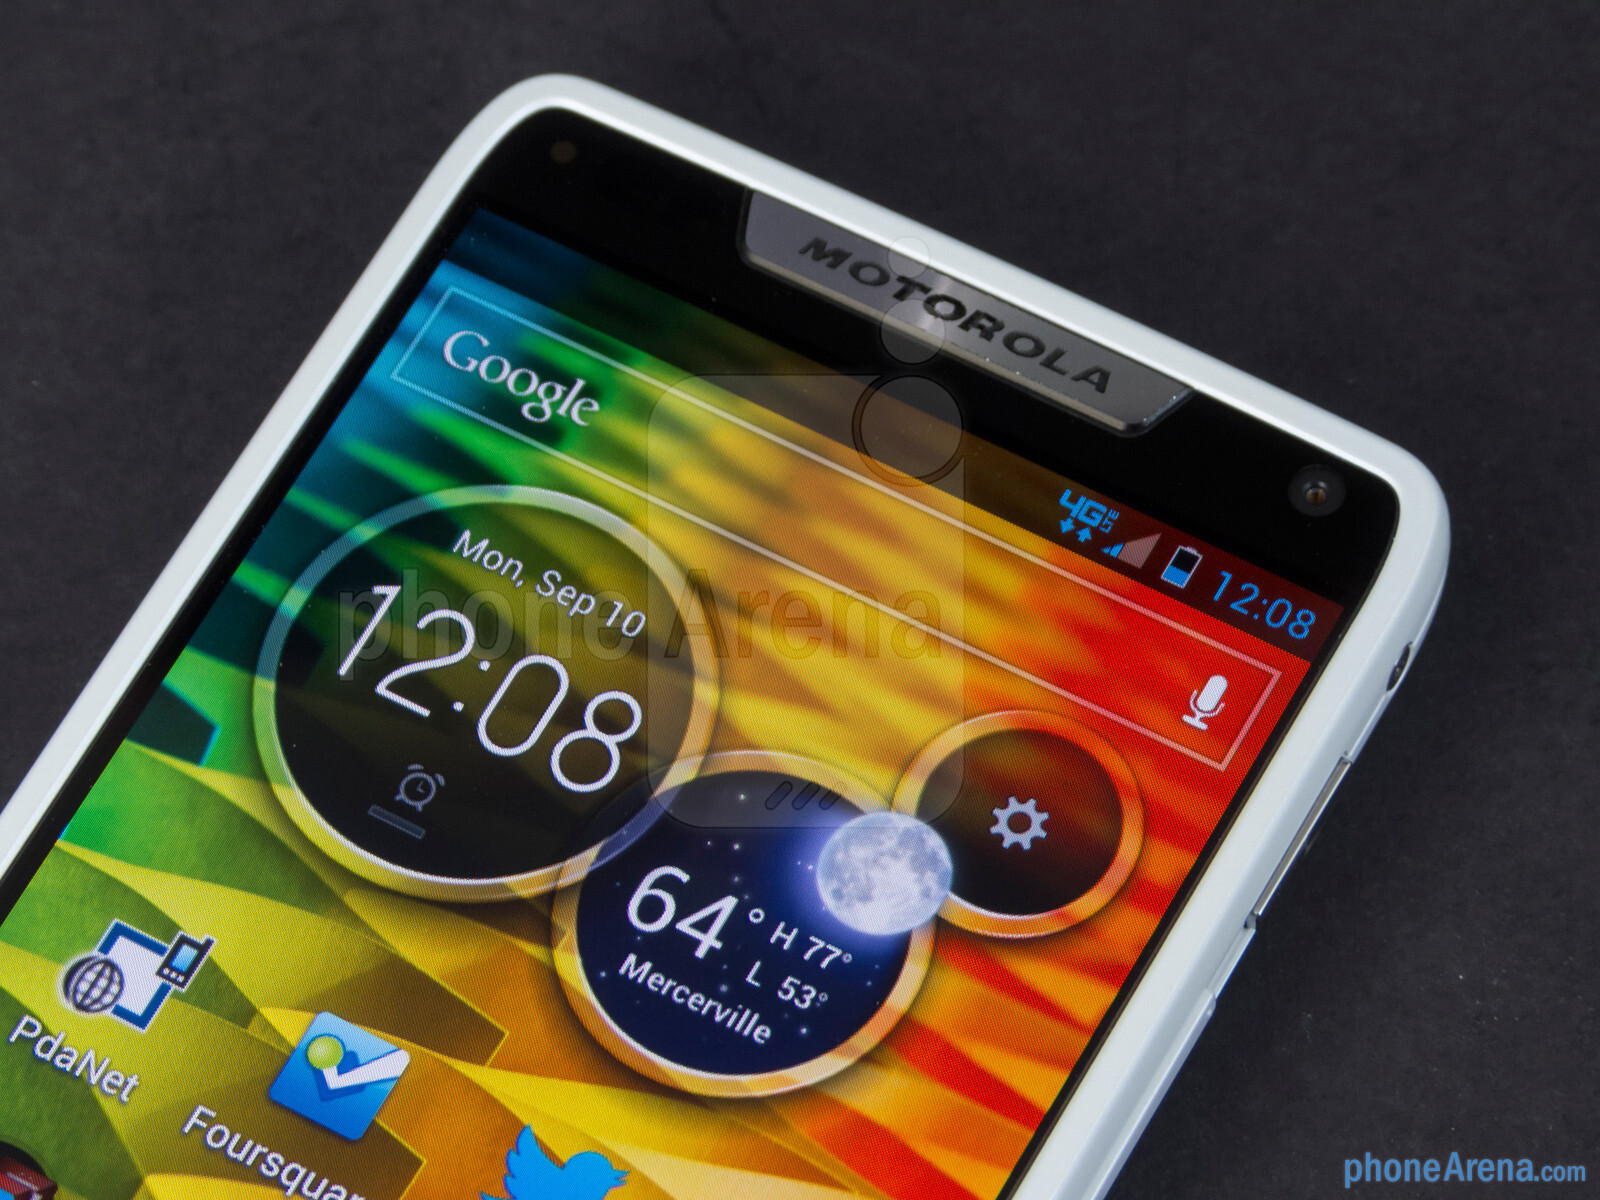 Motorola DROID RAZR M Review - PhoneArena